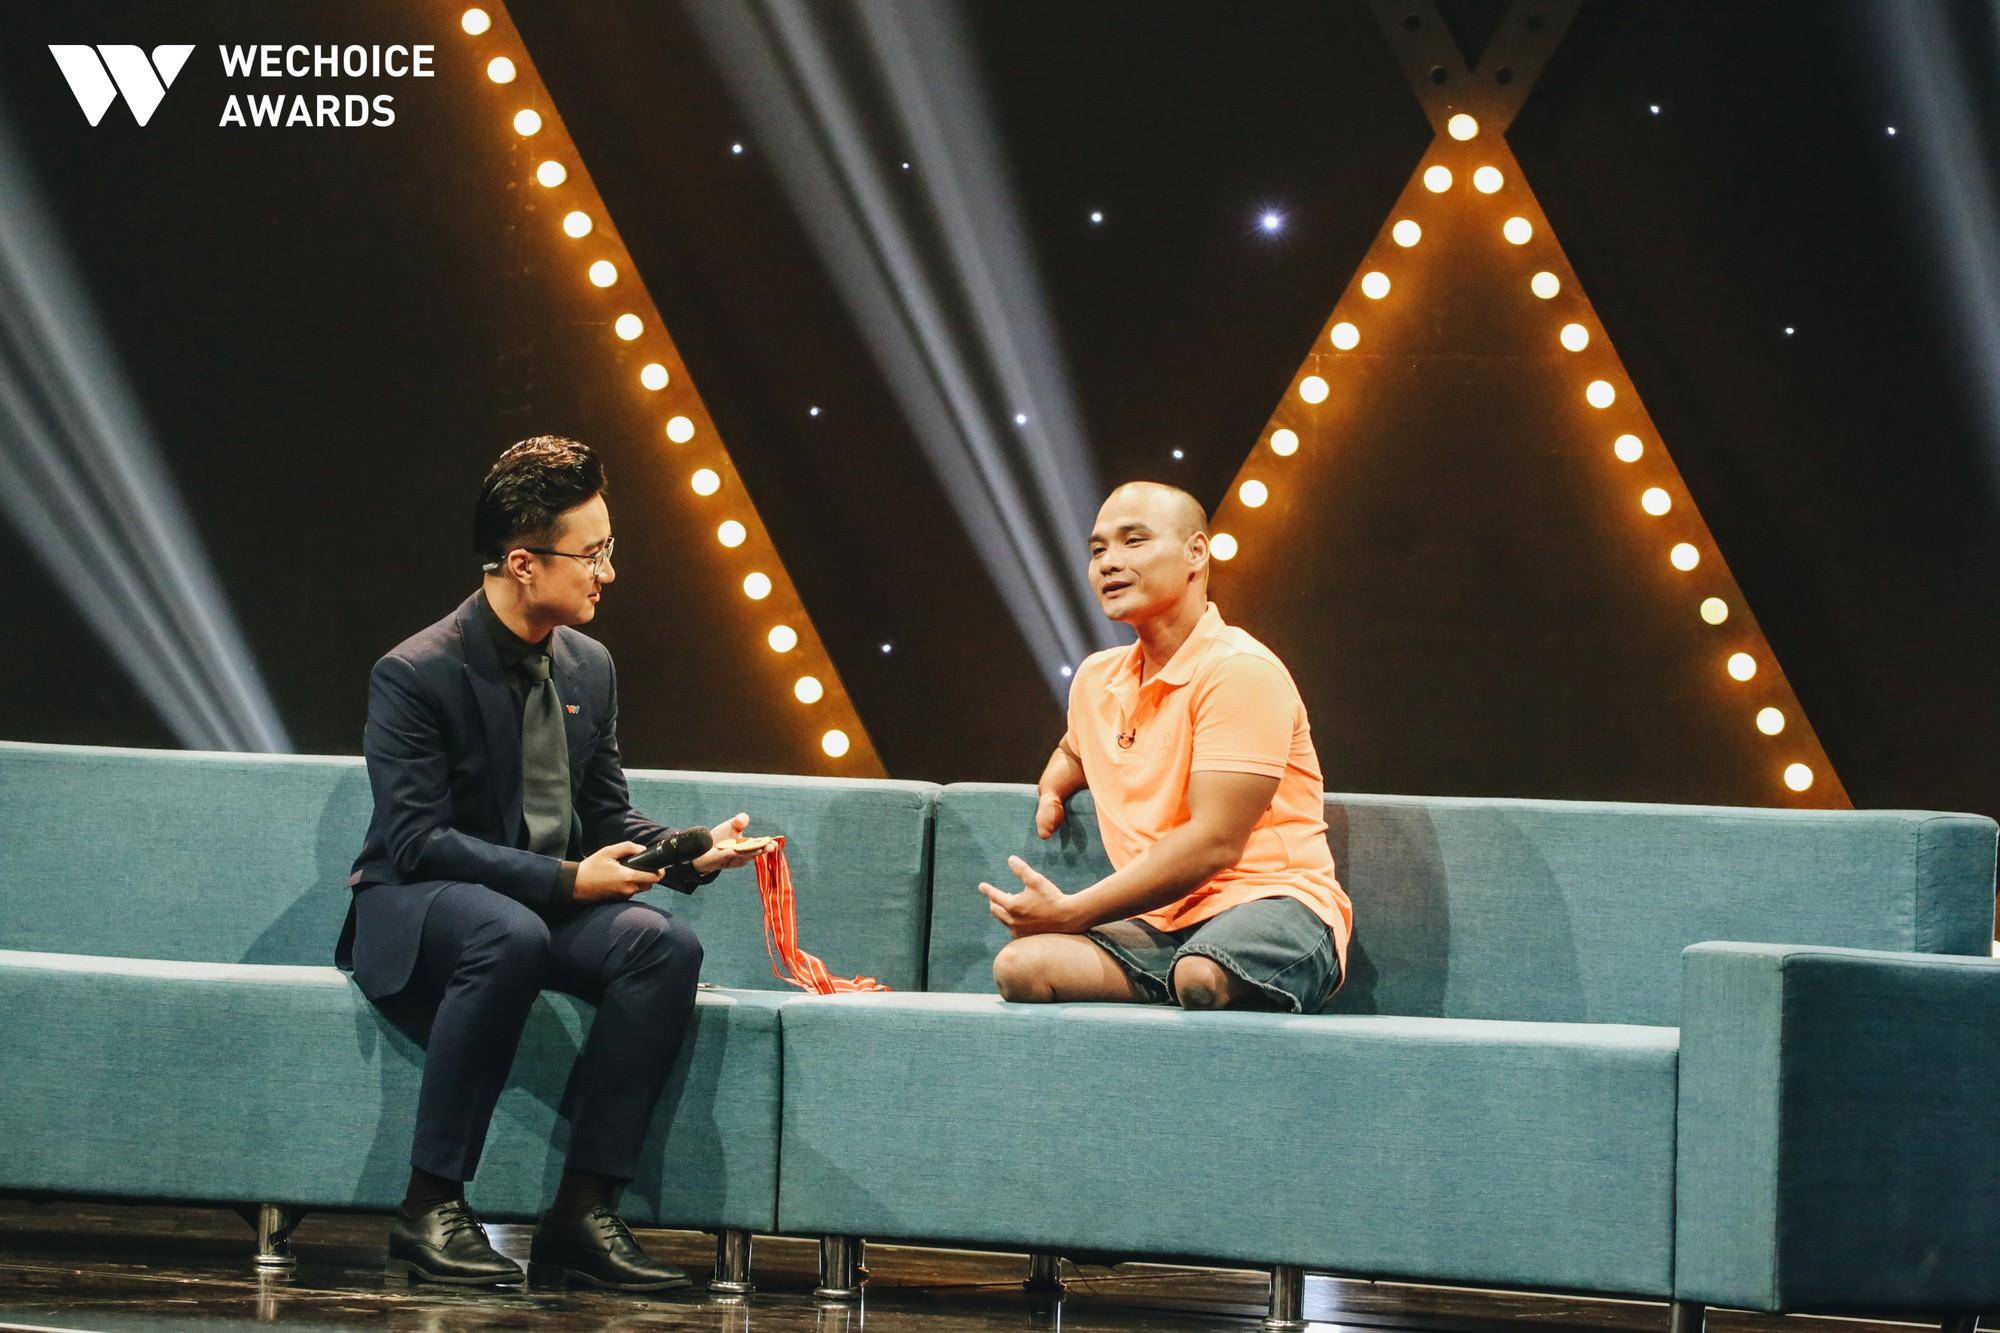 Kình ngư không chân Nguyễn Hồng Lợi: Tôi vẫn tự hào nói đùa với các bạn là tôi có dấu chân tròn trên cát! - Ảnh 7.